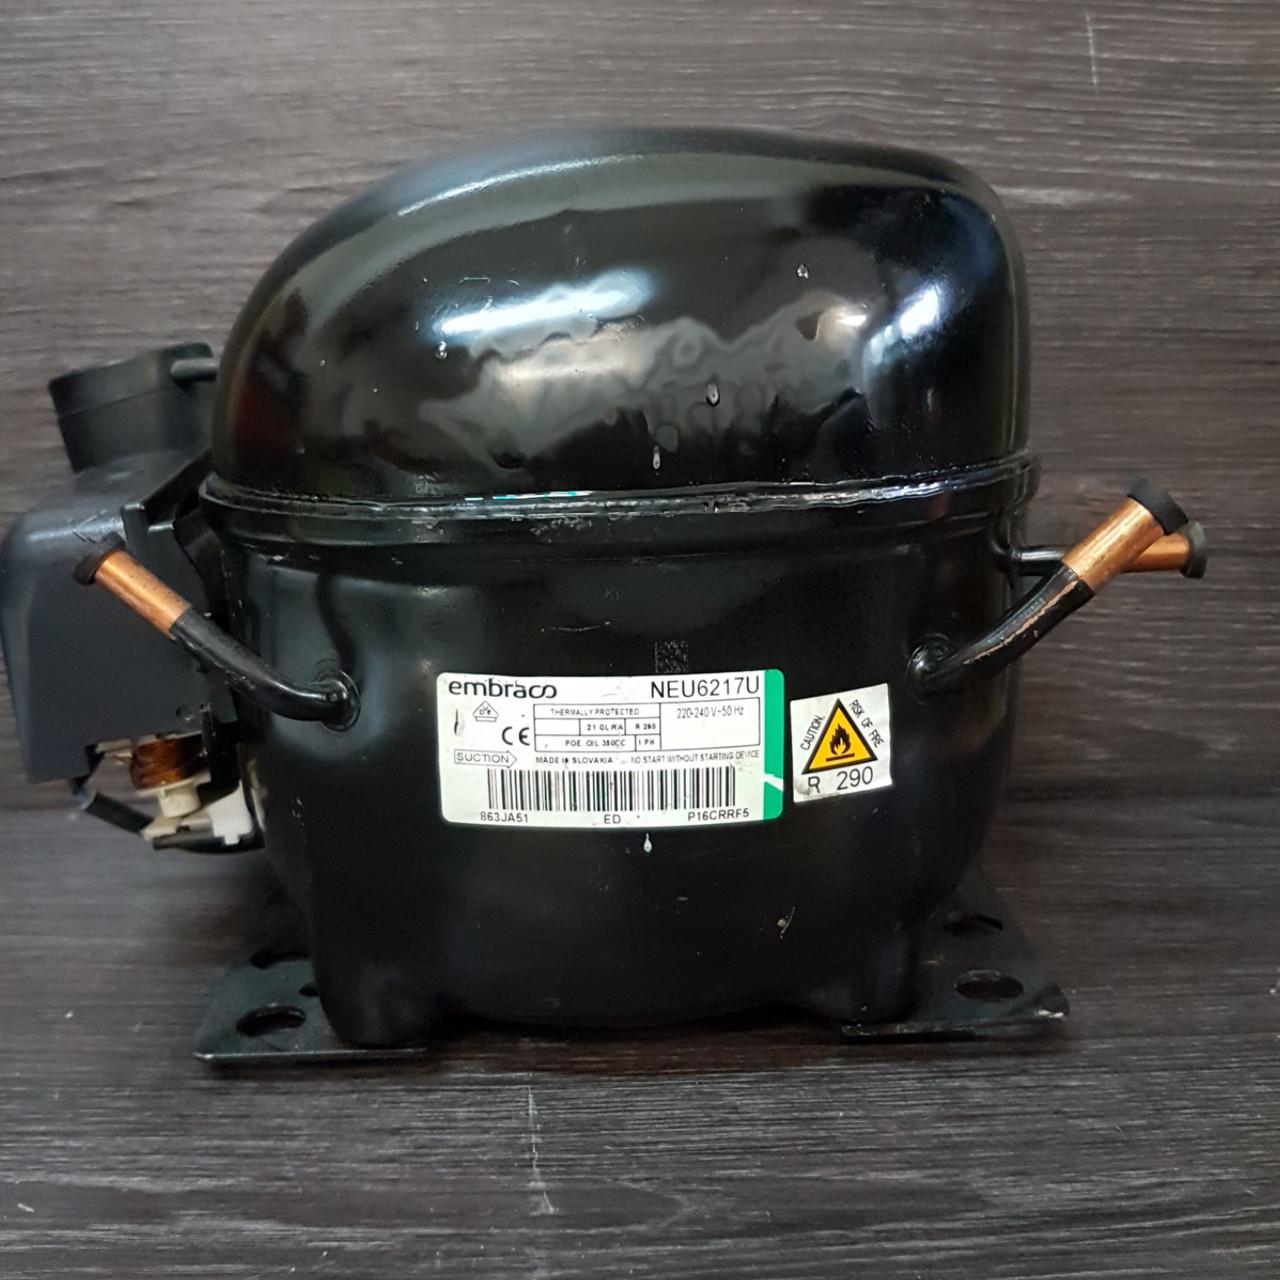 Компрессор герметичный Embraco Aspera NEU6217U (R-290)